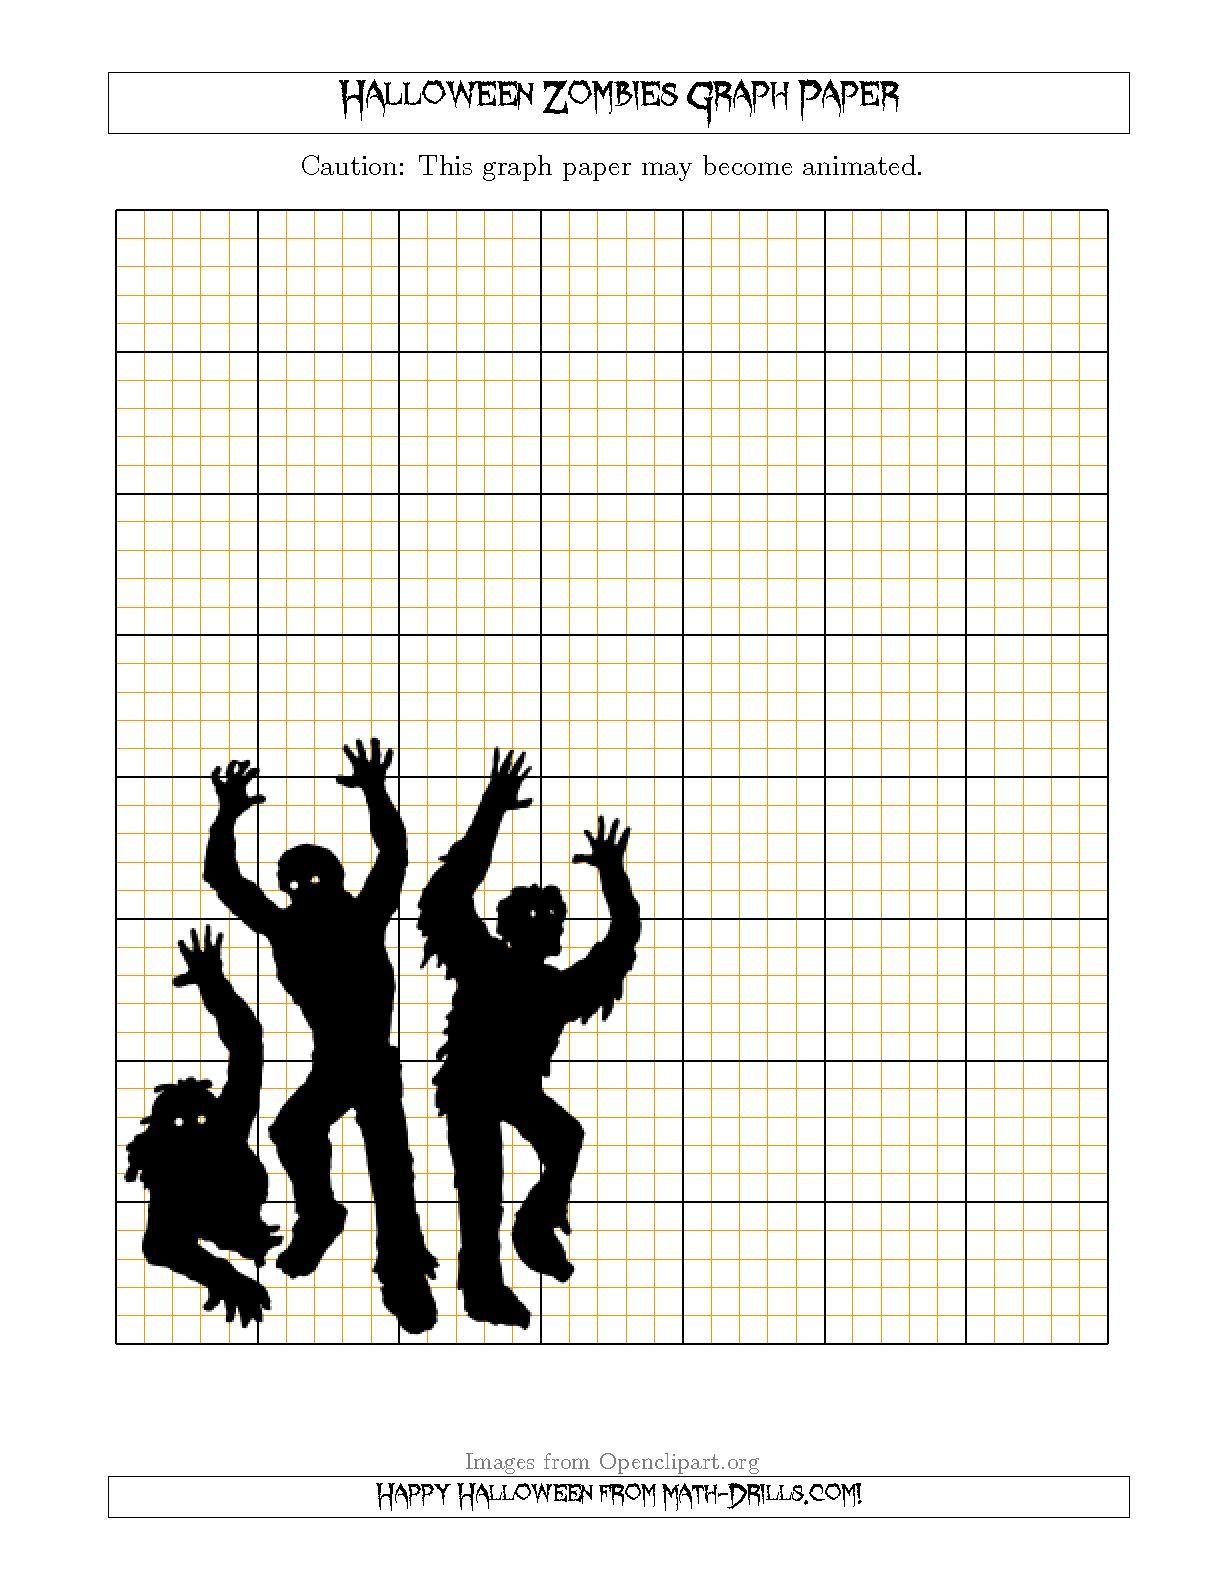 Halloween Zombies 2 5 0 5 Cm Graph Paper Halloween Math Worksheets Halloween Math Activities Halloween Math [ 1584 x 1224 Pixel ]